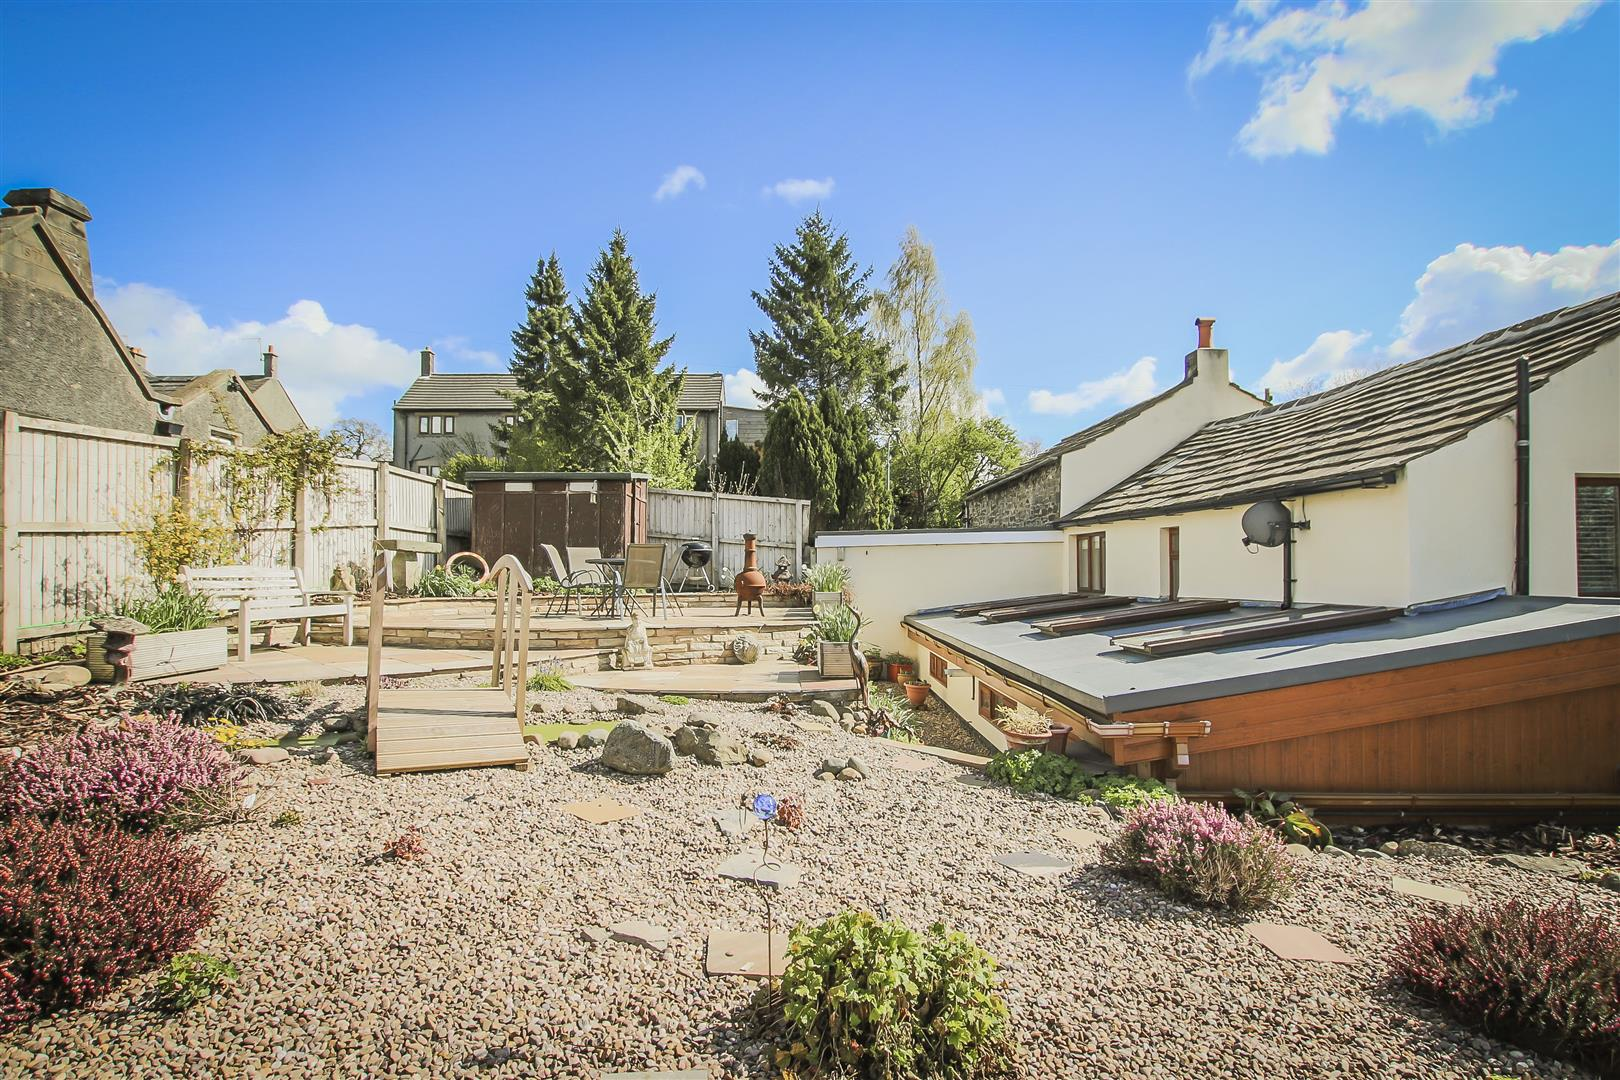 2 Bedroom Cottage For Sale - Rear External